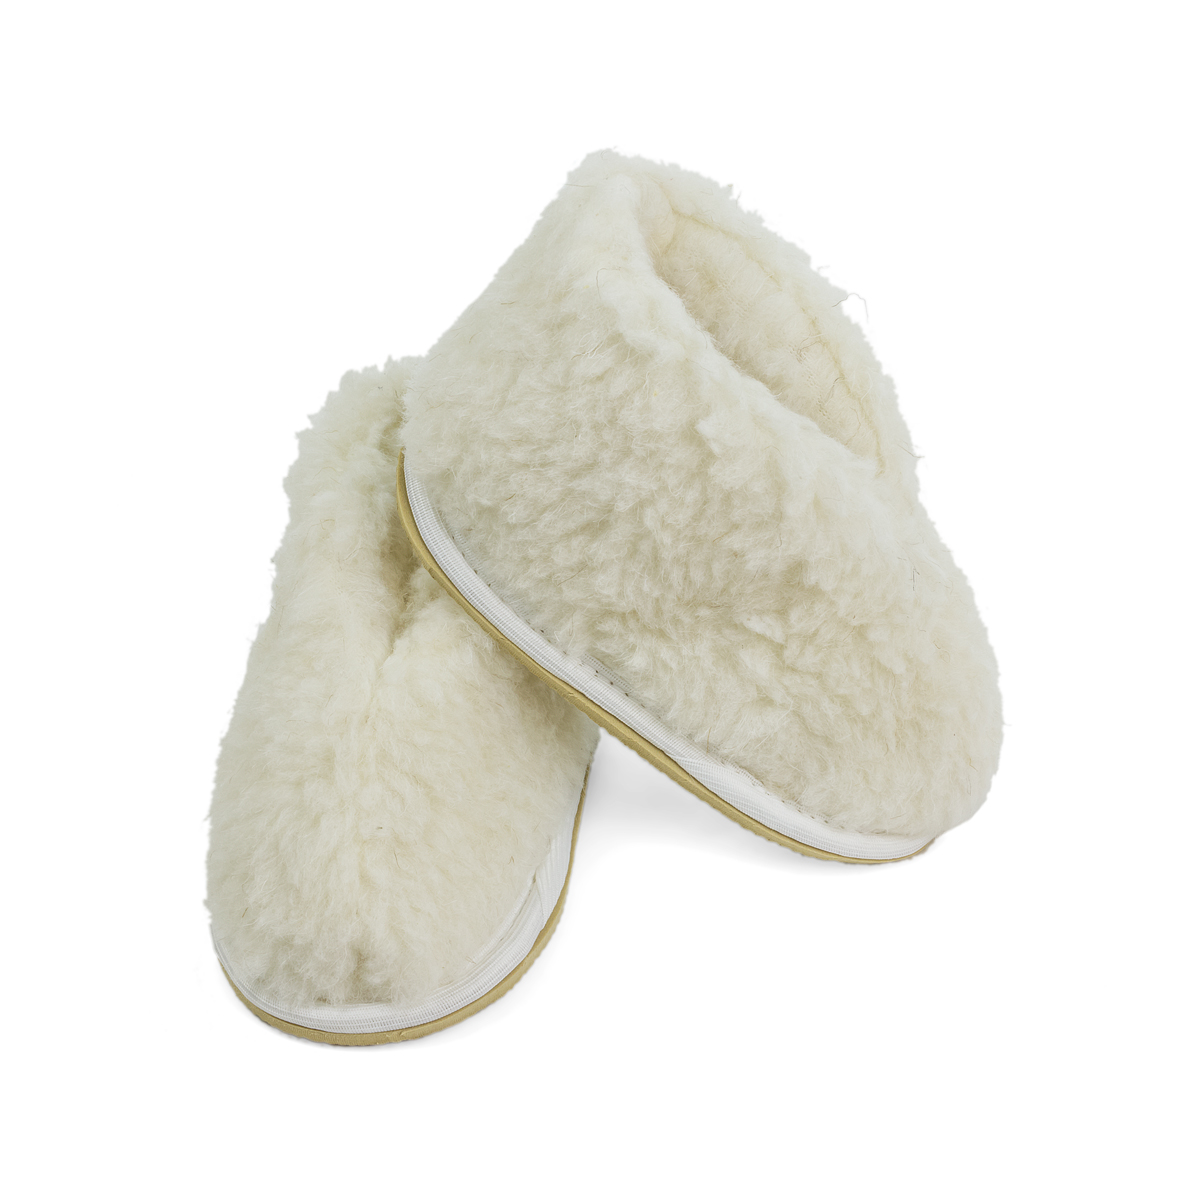 Обувь Бабуши Уют Детские Бежевый р. 27-28Аксессуары и обувь<br><br><br>Тип: Обувь<br>Размер: 27-28<br>Материал: Овечья шерсть